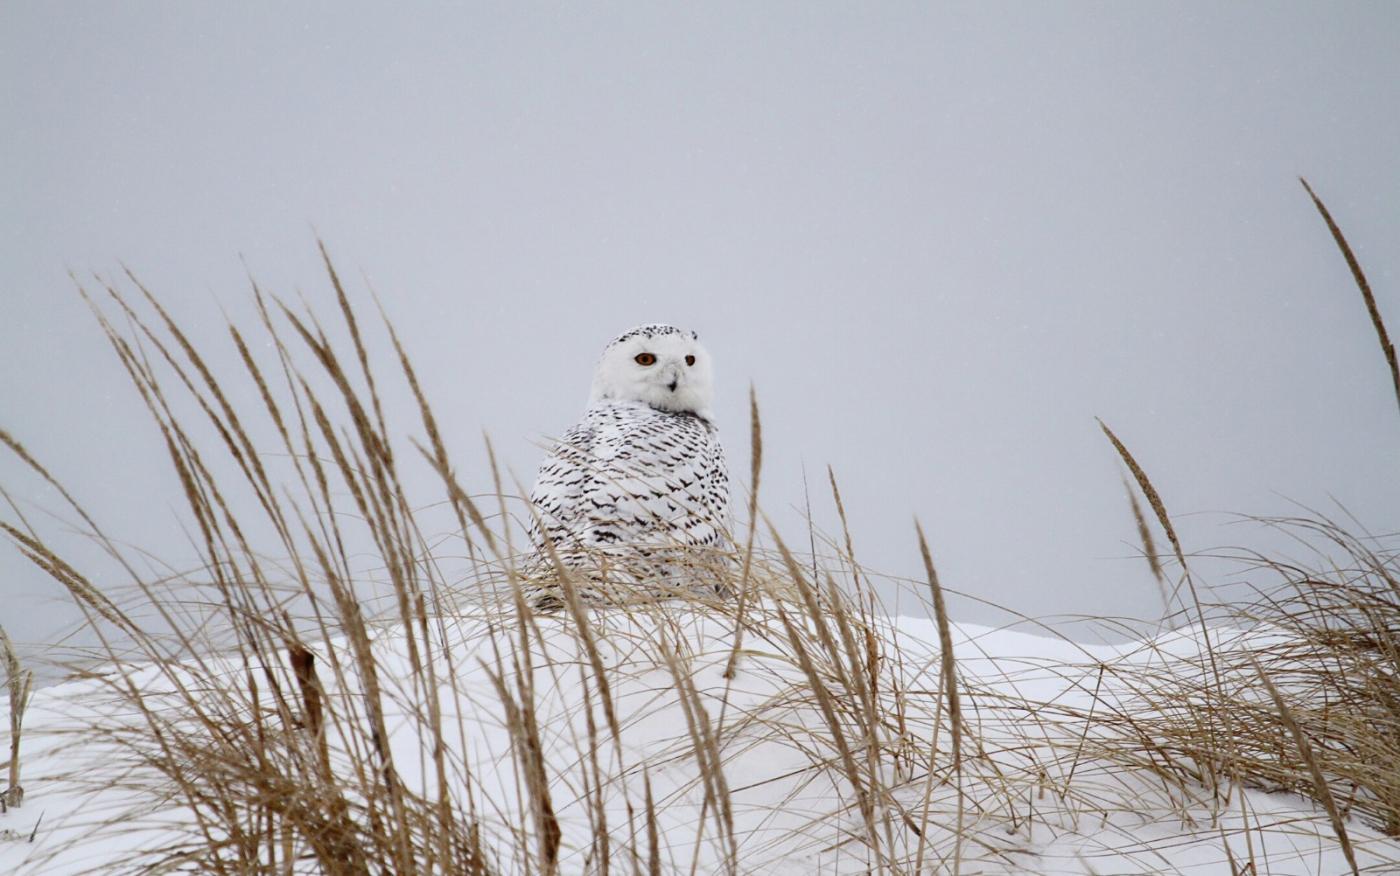 【田螺摄影】它坐着我坐着~抓拍雪猫鹰的萌态_图1-1